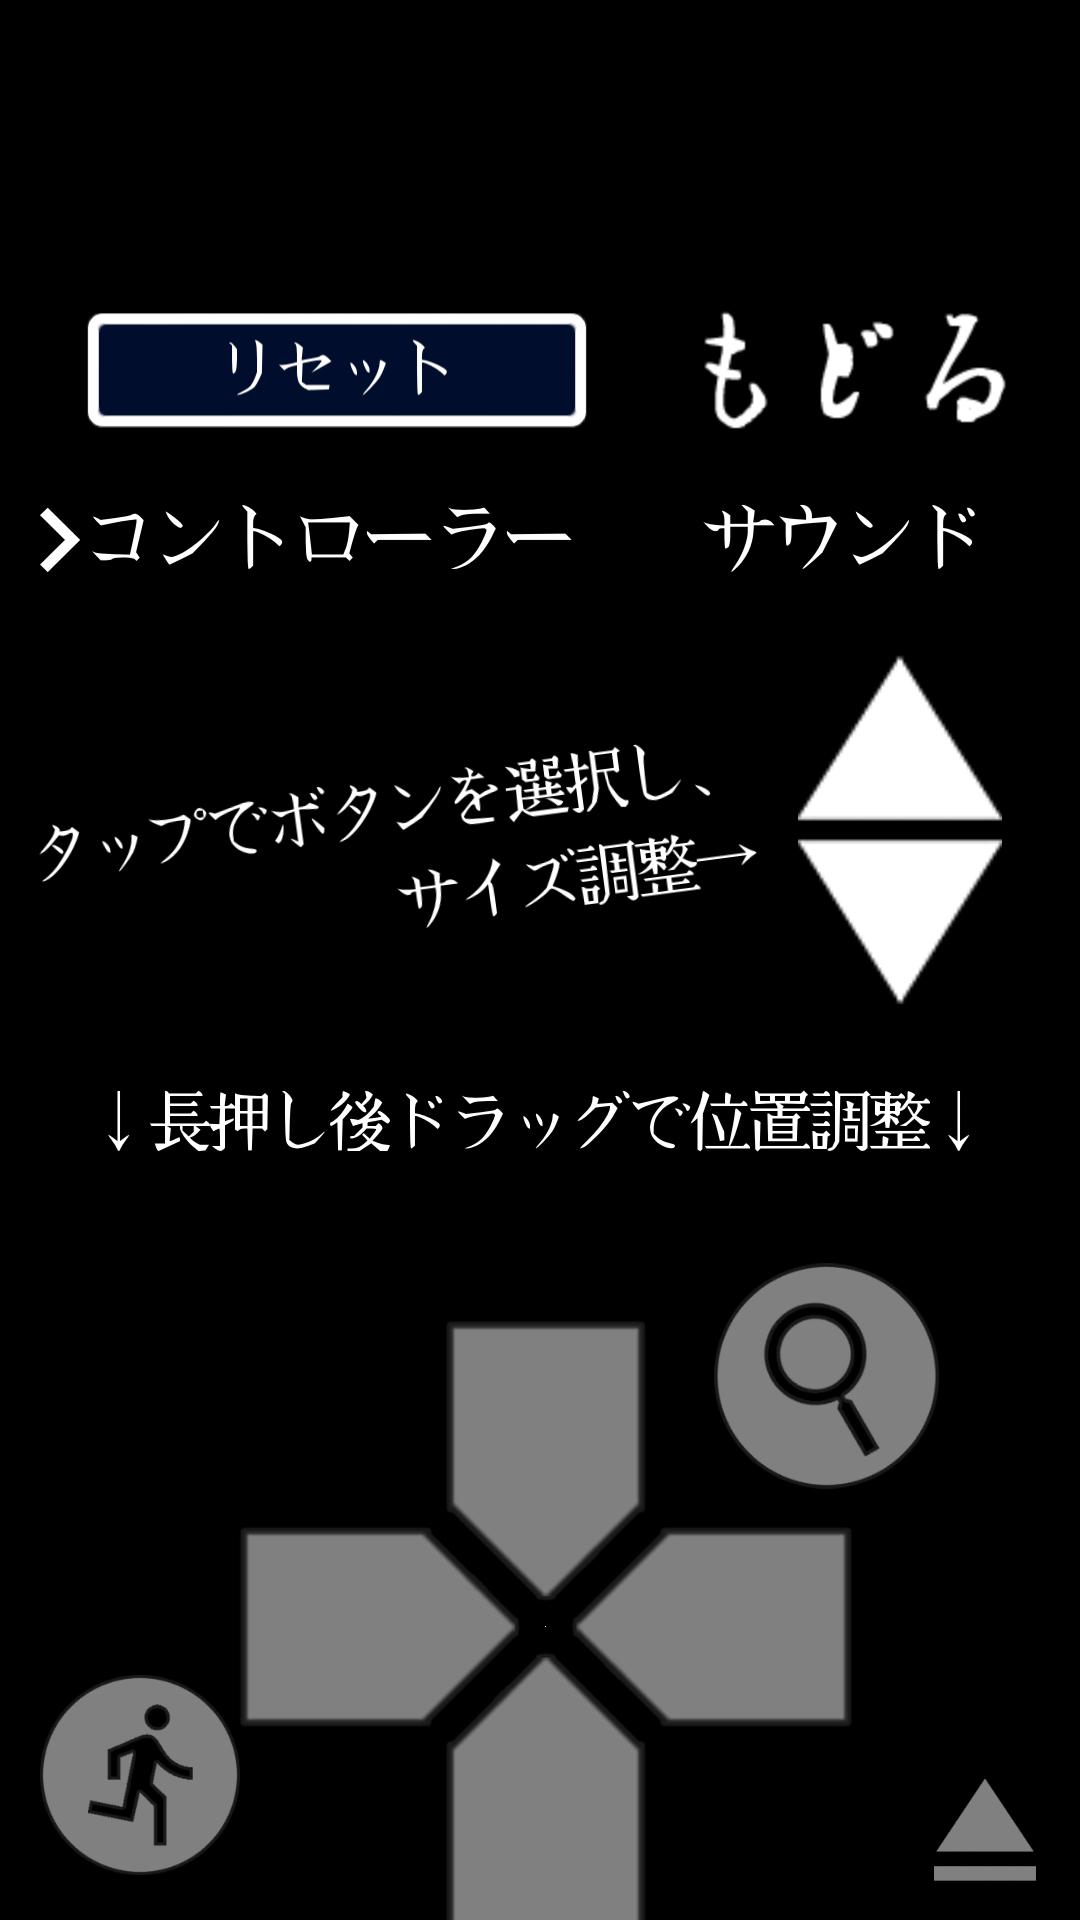 androidアプリ オウルヘッド Rebuild攻略スクリーンショット2